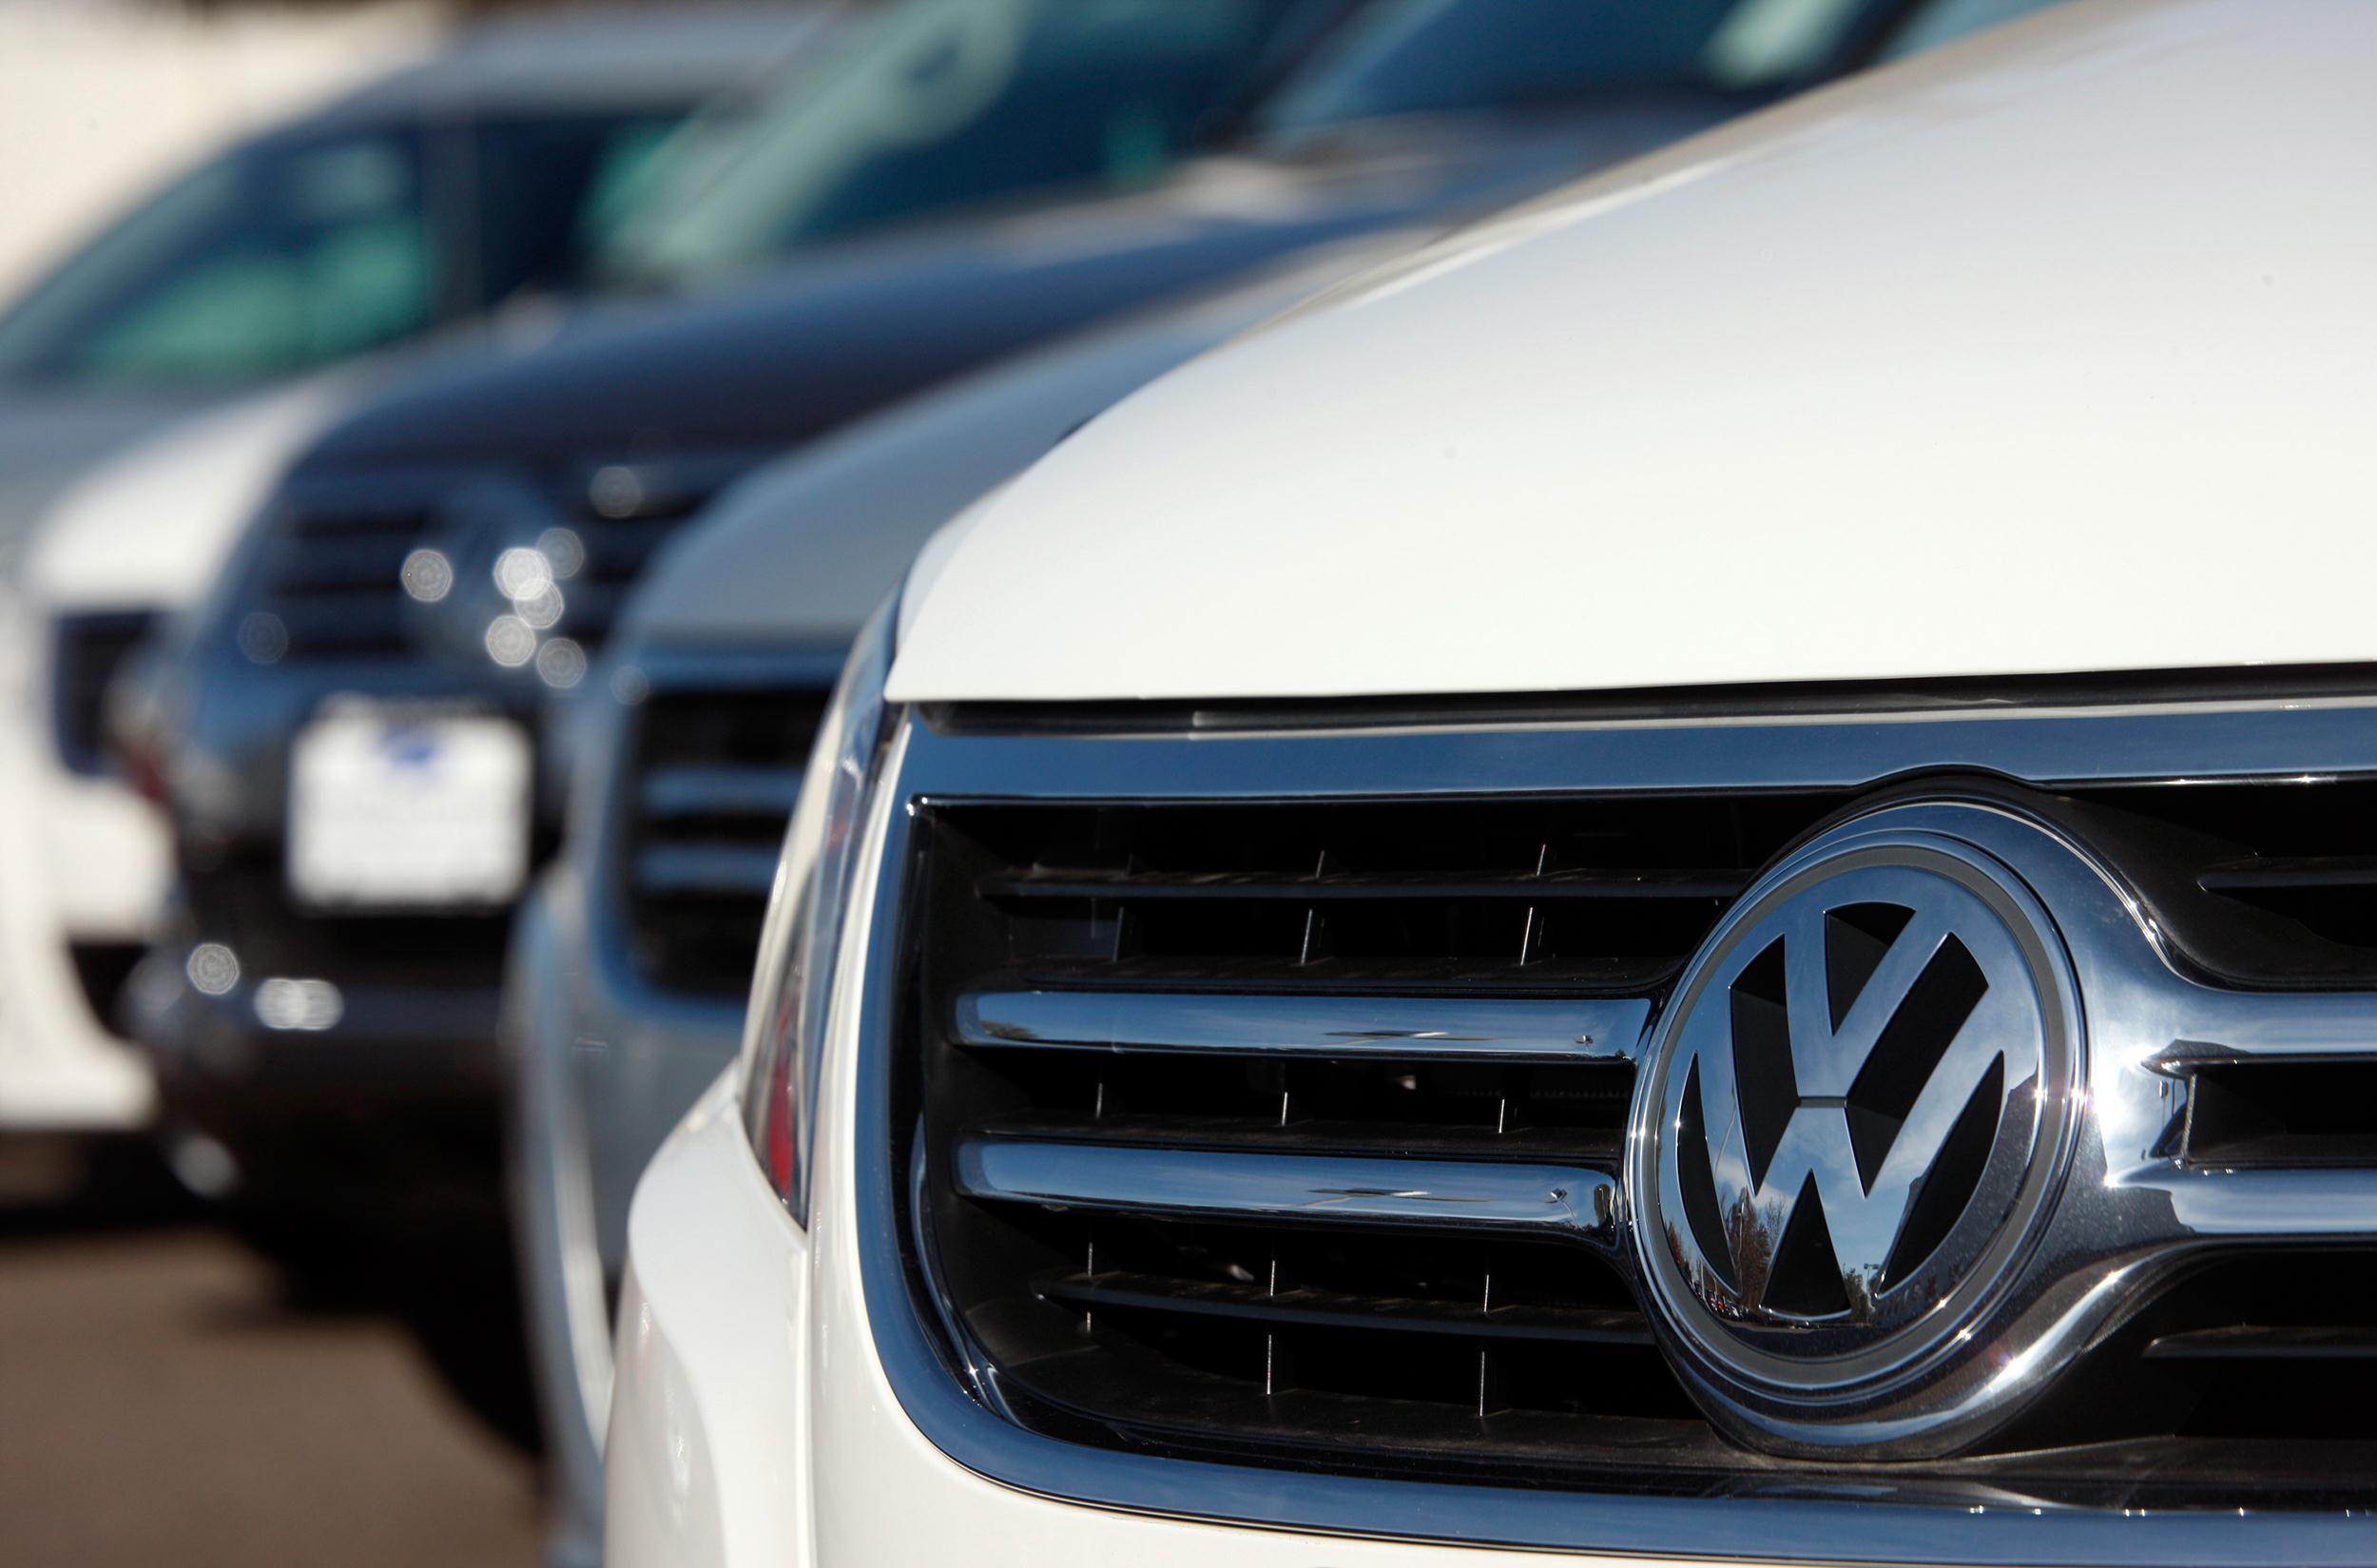 Image: A 2009 Volkswagen Tiguan